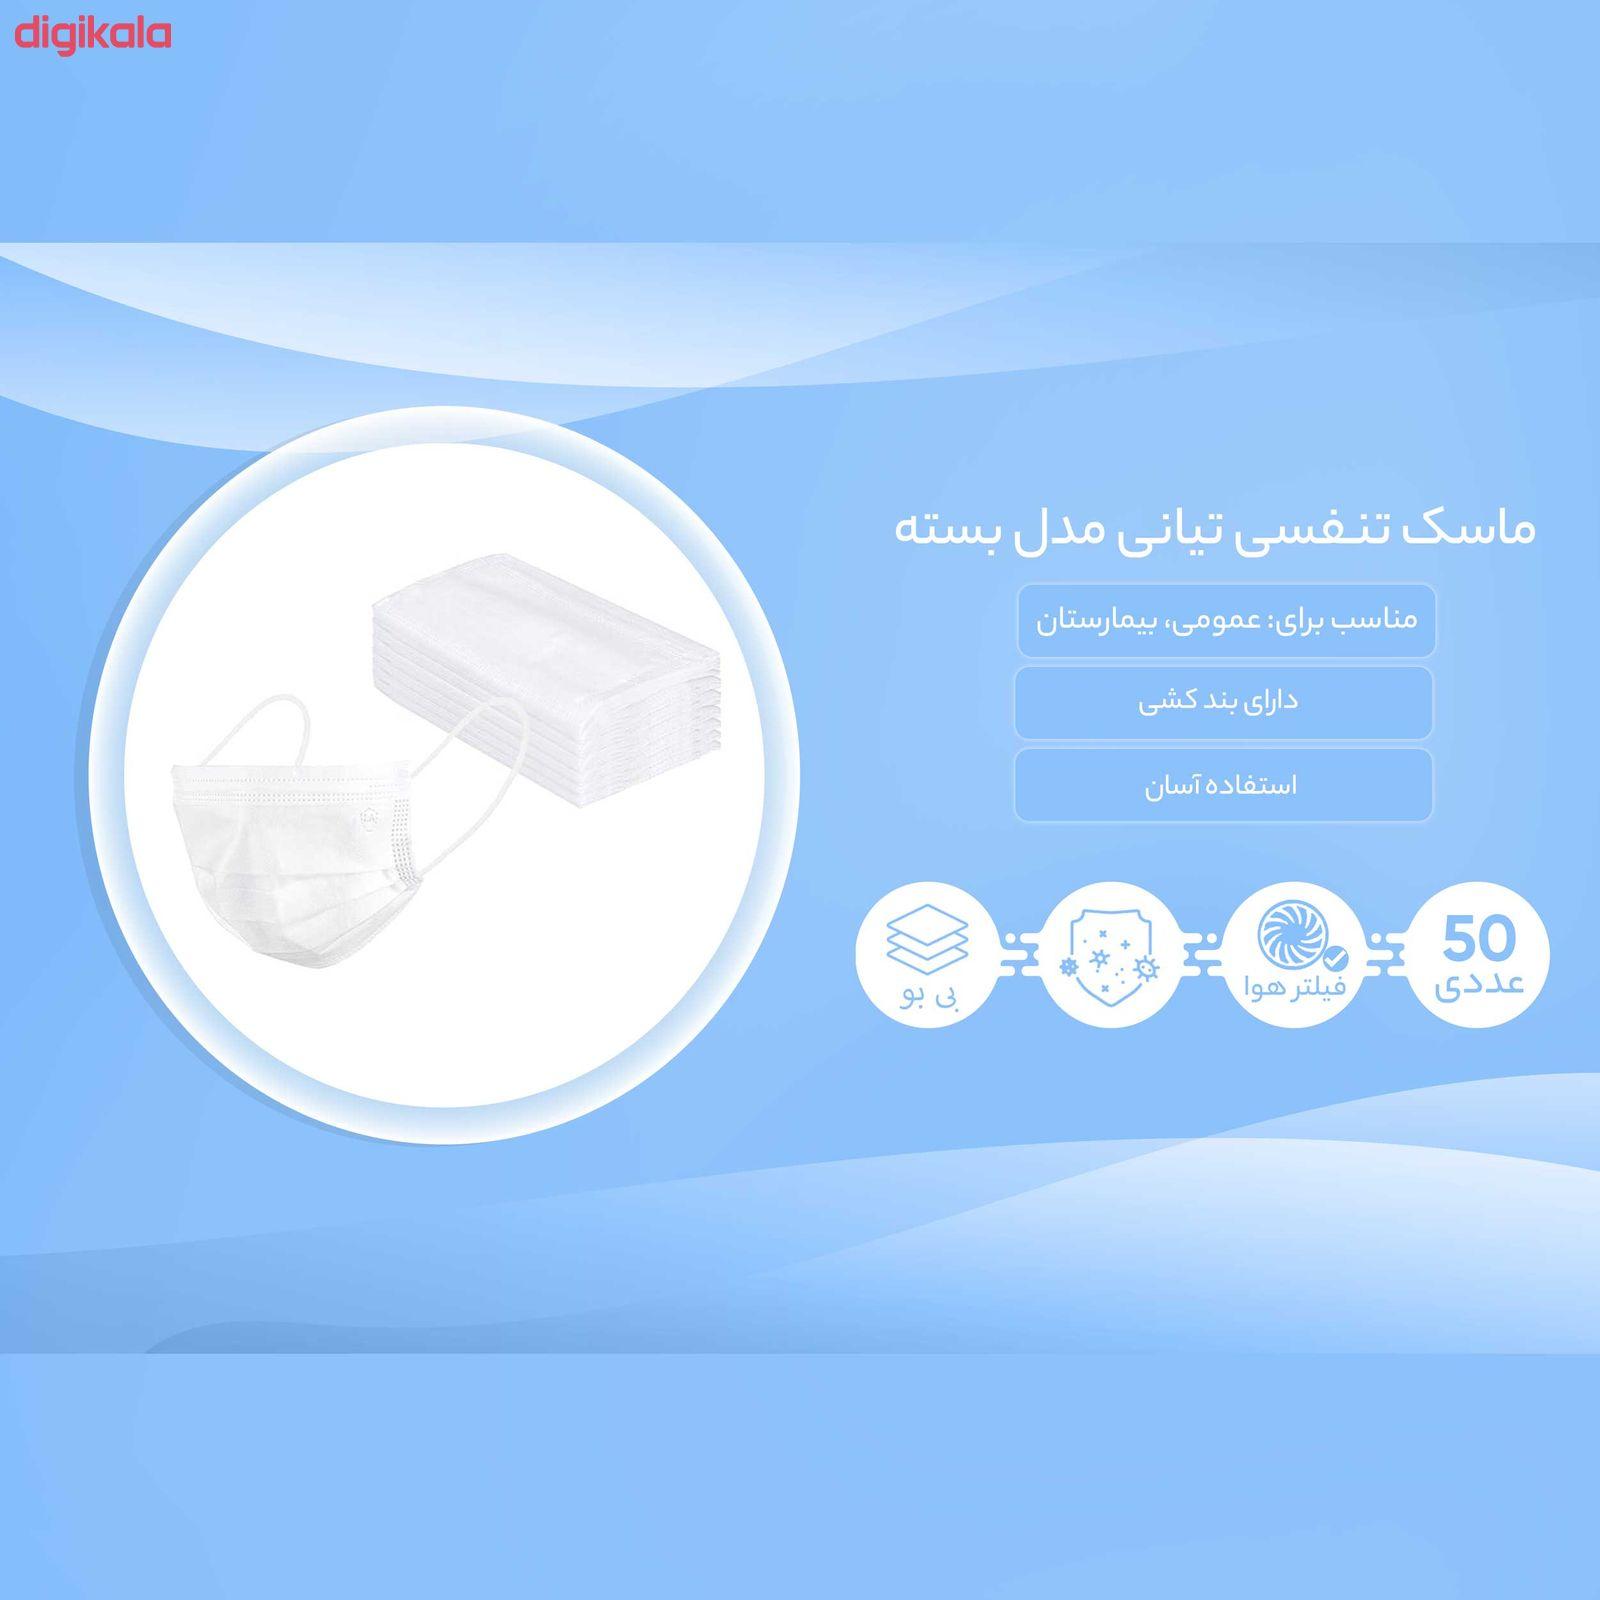 ماسک تنفسی تیانی مدل بسته 50 عددی main 1 2